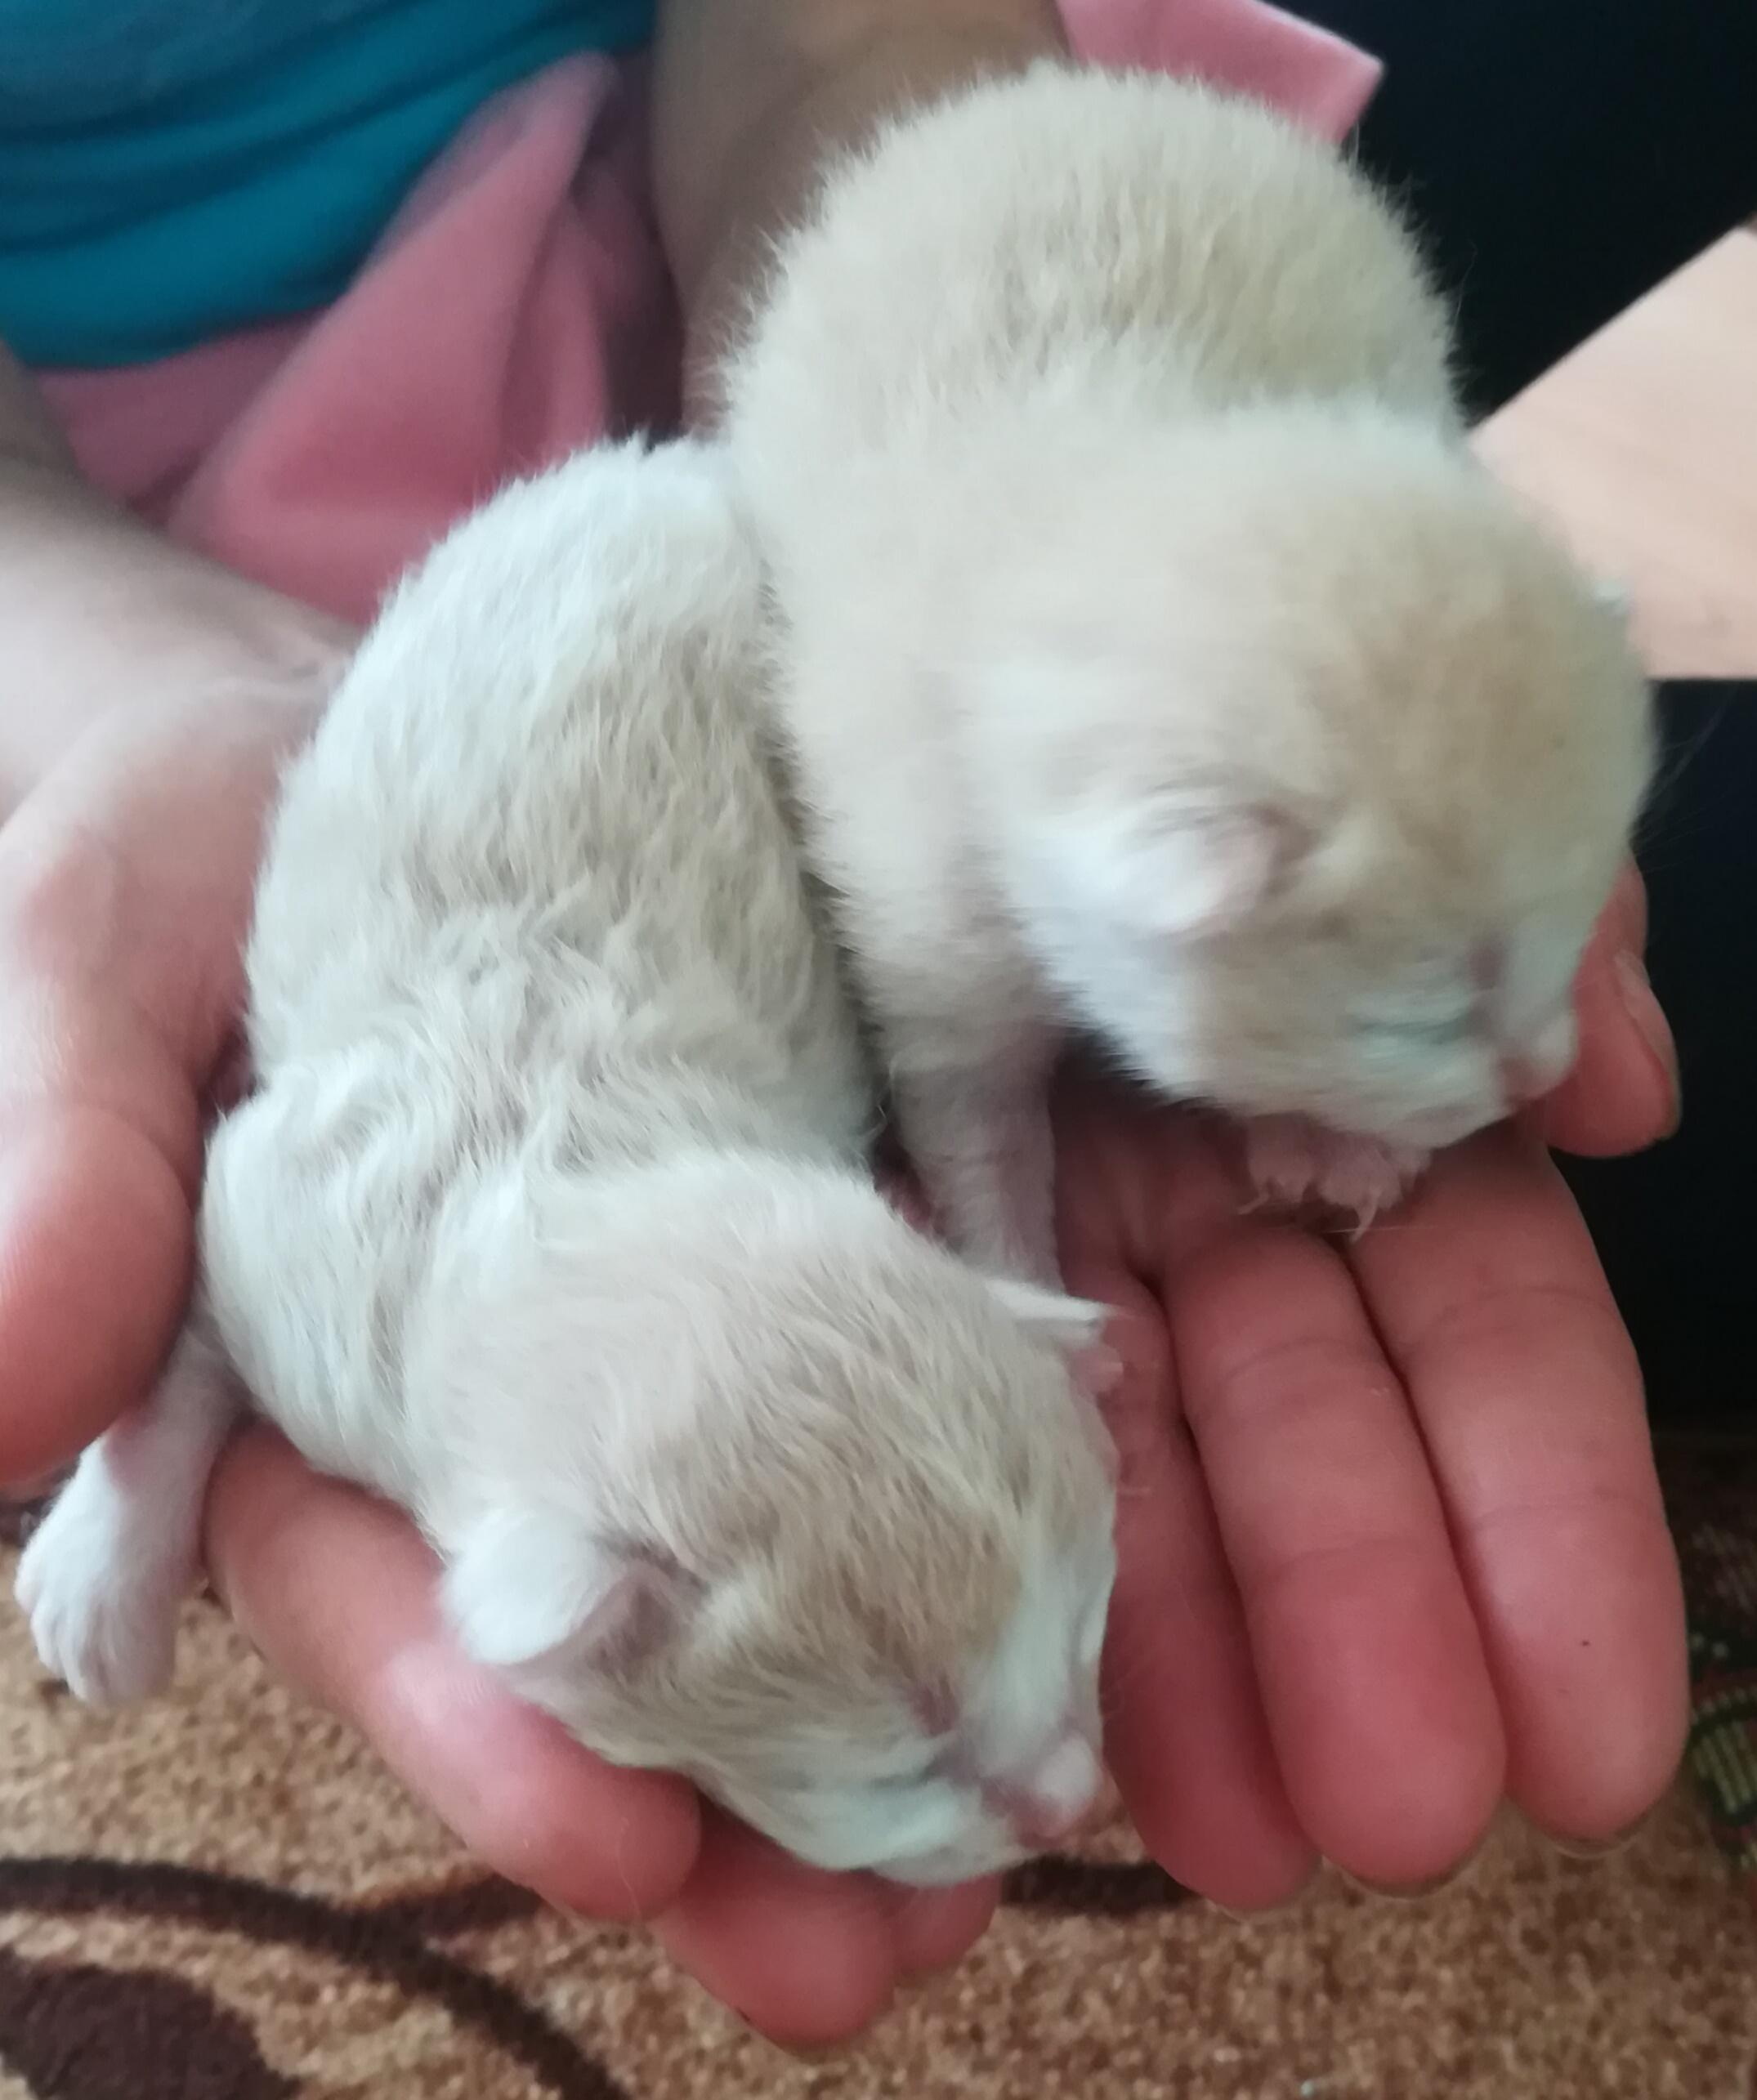 'а у нас сегодня кошка родила вчера котят' :). Блиц: милые котики